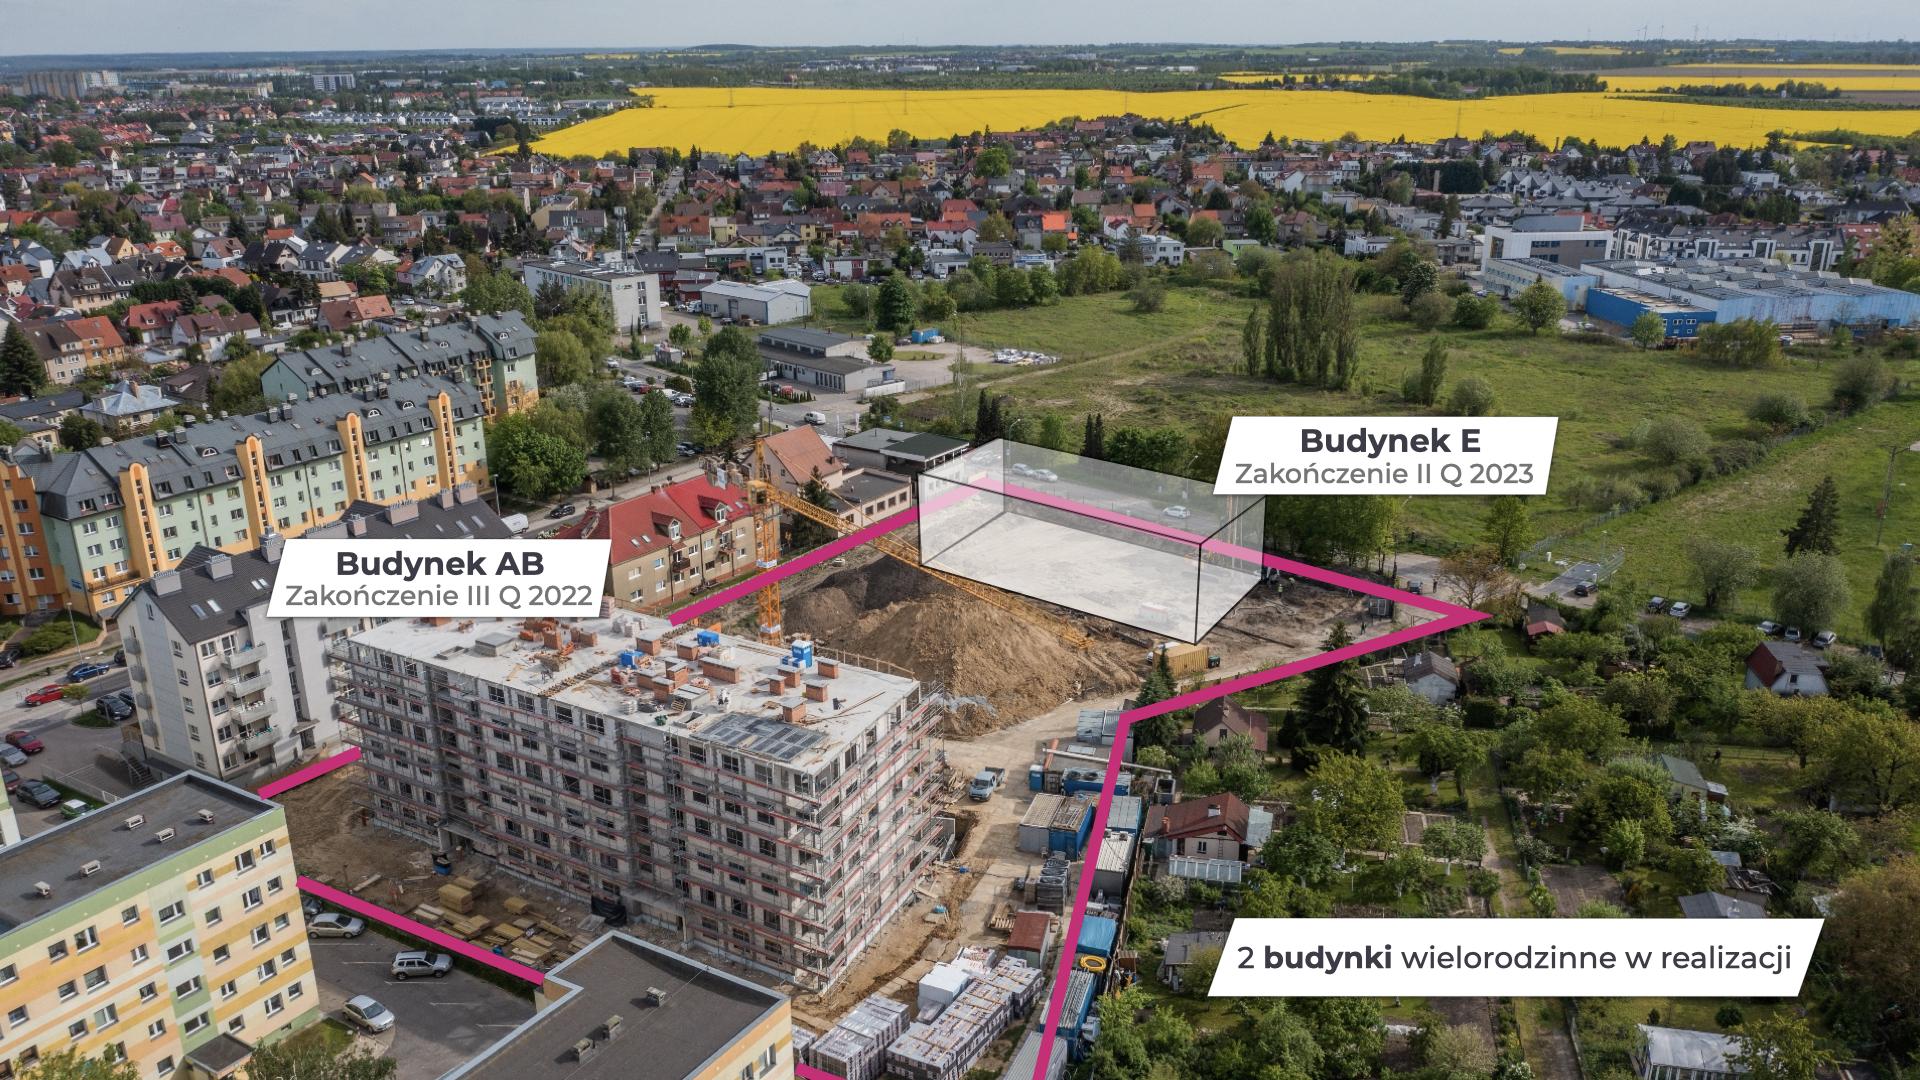 VASTBOUW_spiska_plan_osiedla